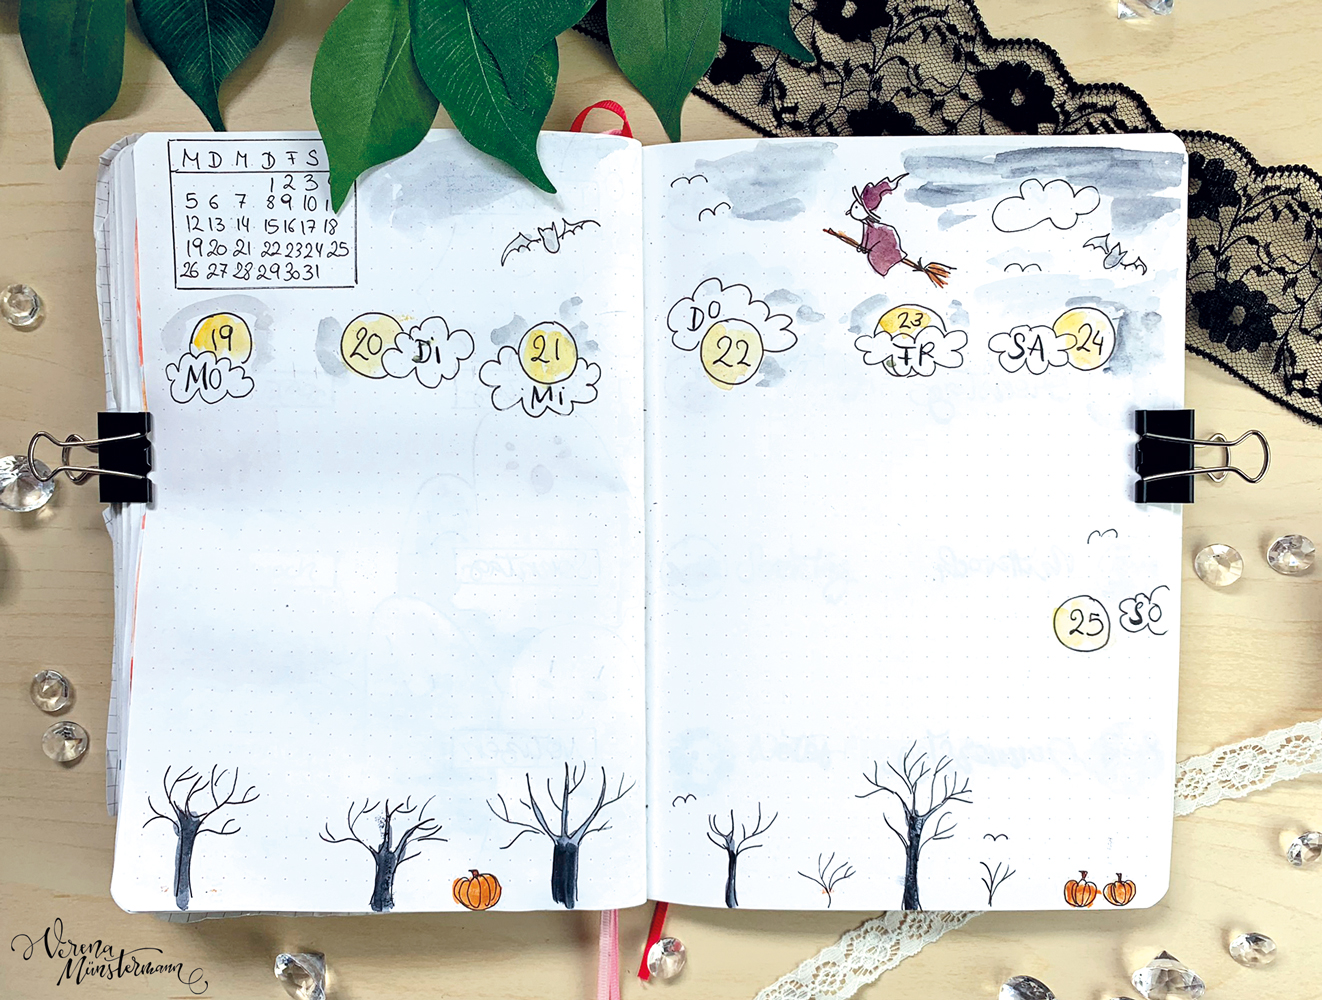 verenamuenstermann - Journal - Wochenübersicht - Oktober